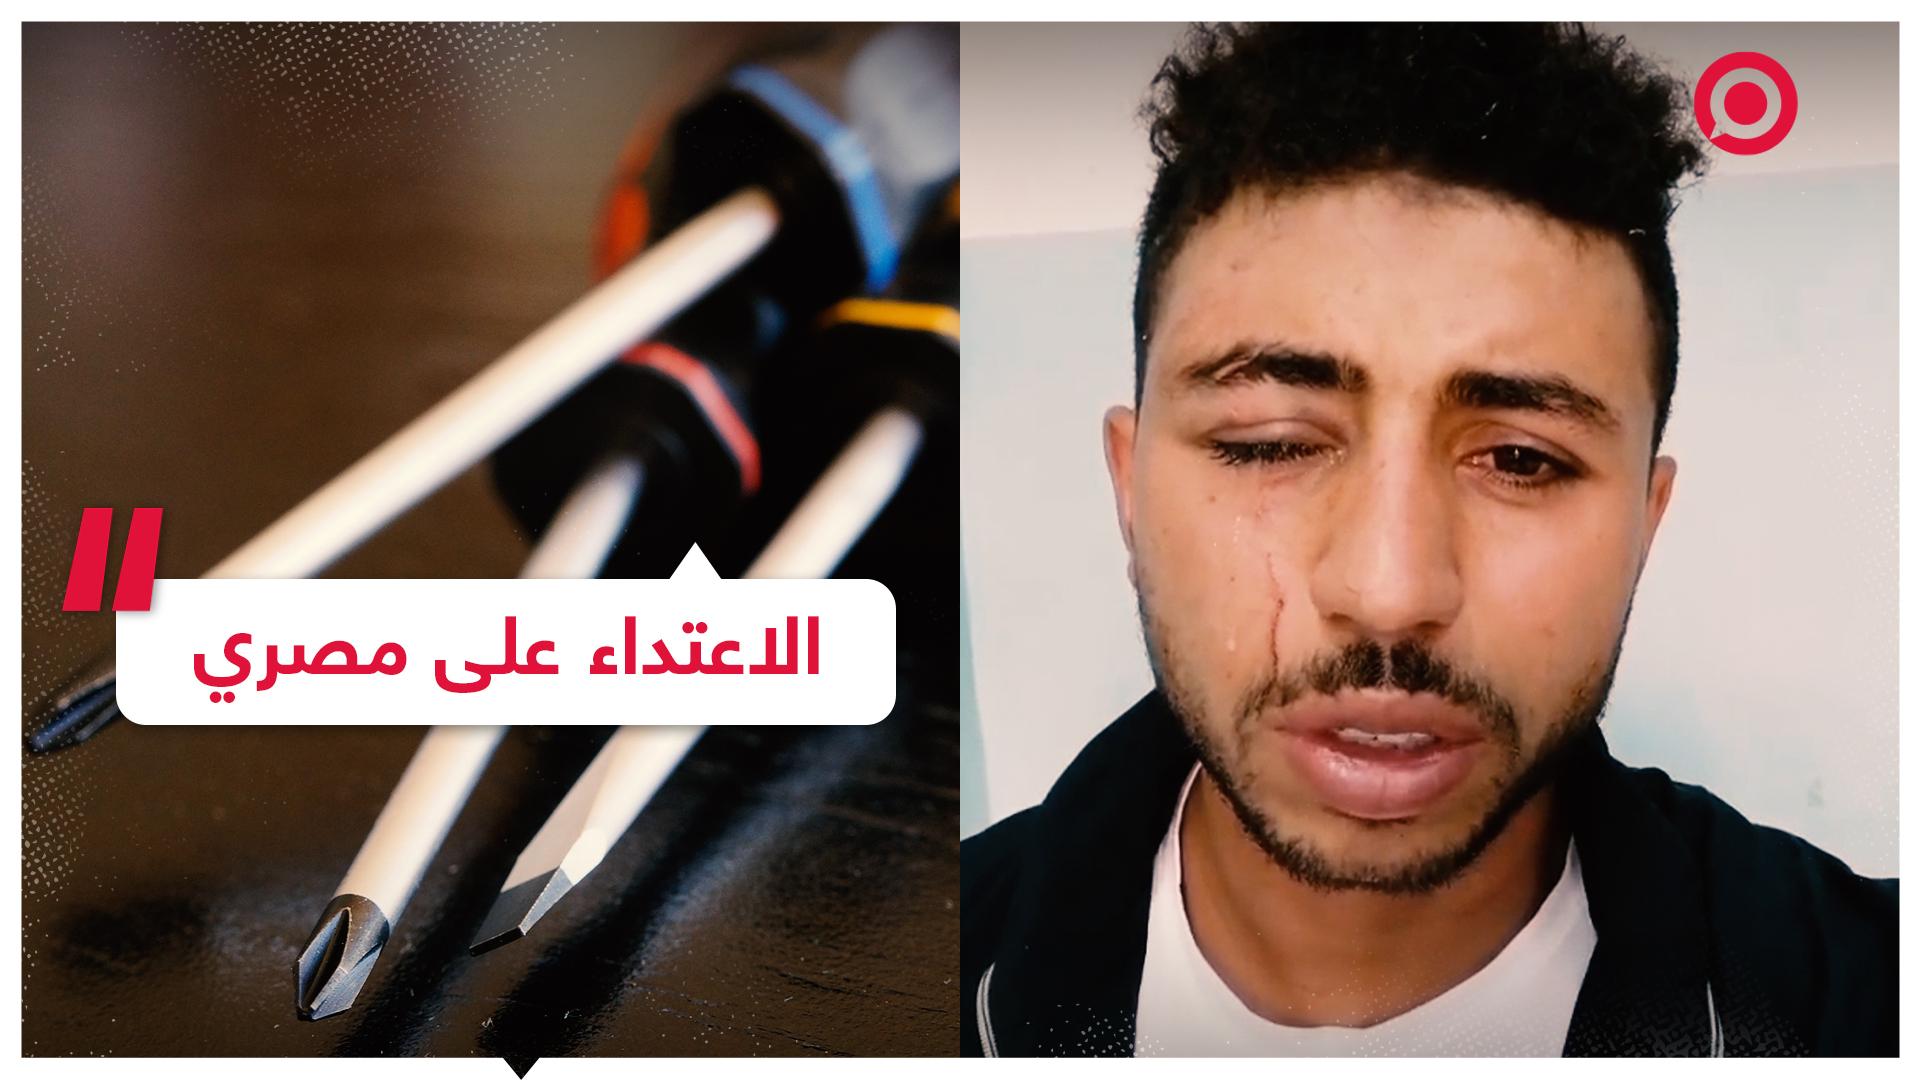 شاب مصري يتعرض لاعتداء يفقده عينه في الأردن